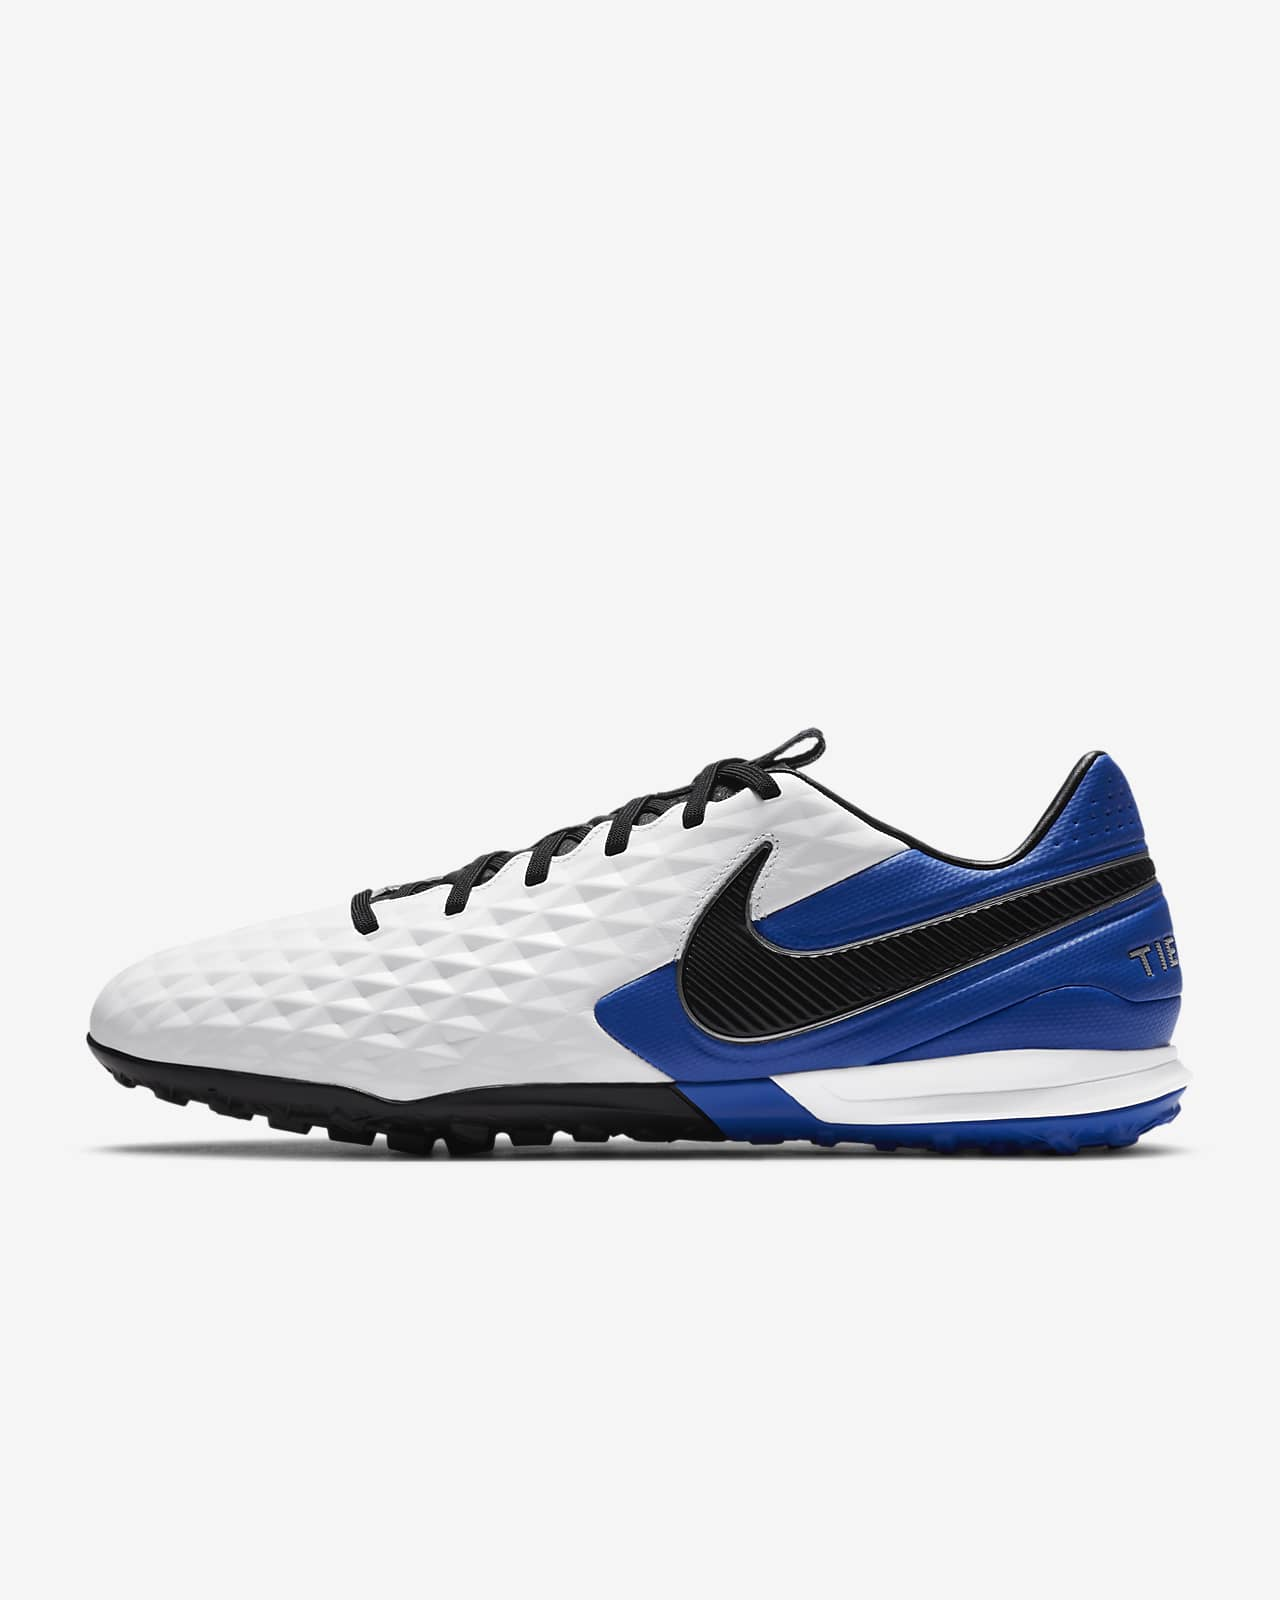 Nike Tiempo Legend 8 Pro TF Botes de futbol per a terreny artificial i moqueta-turf